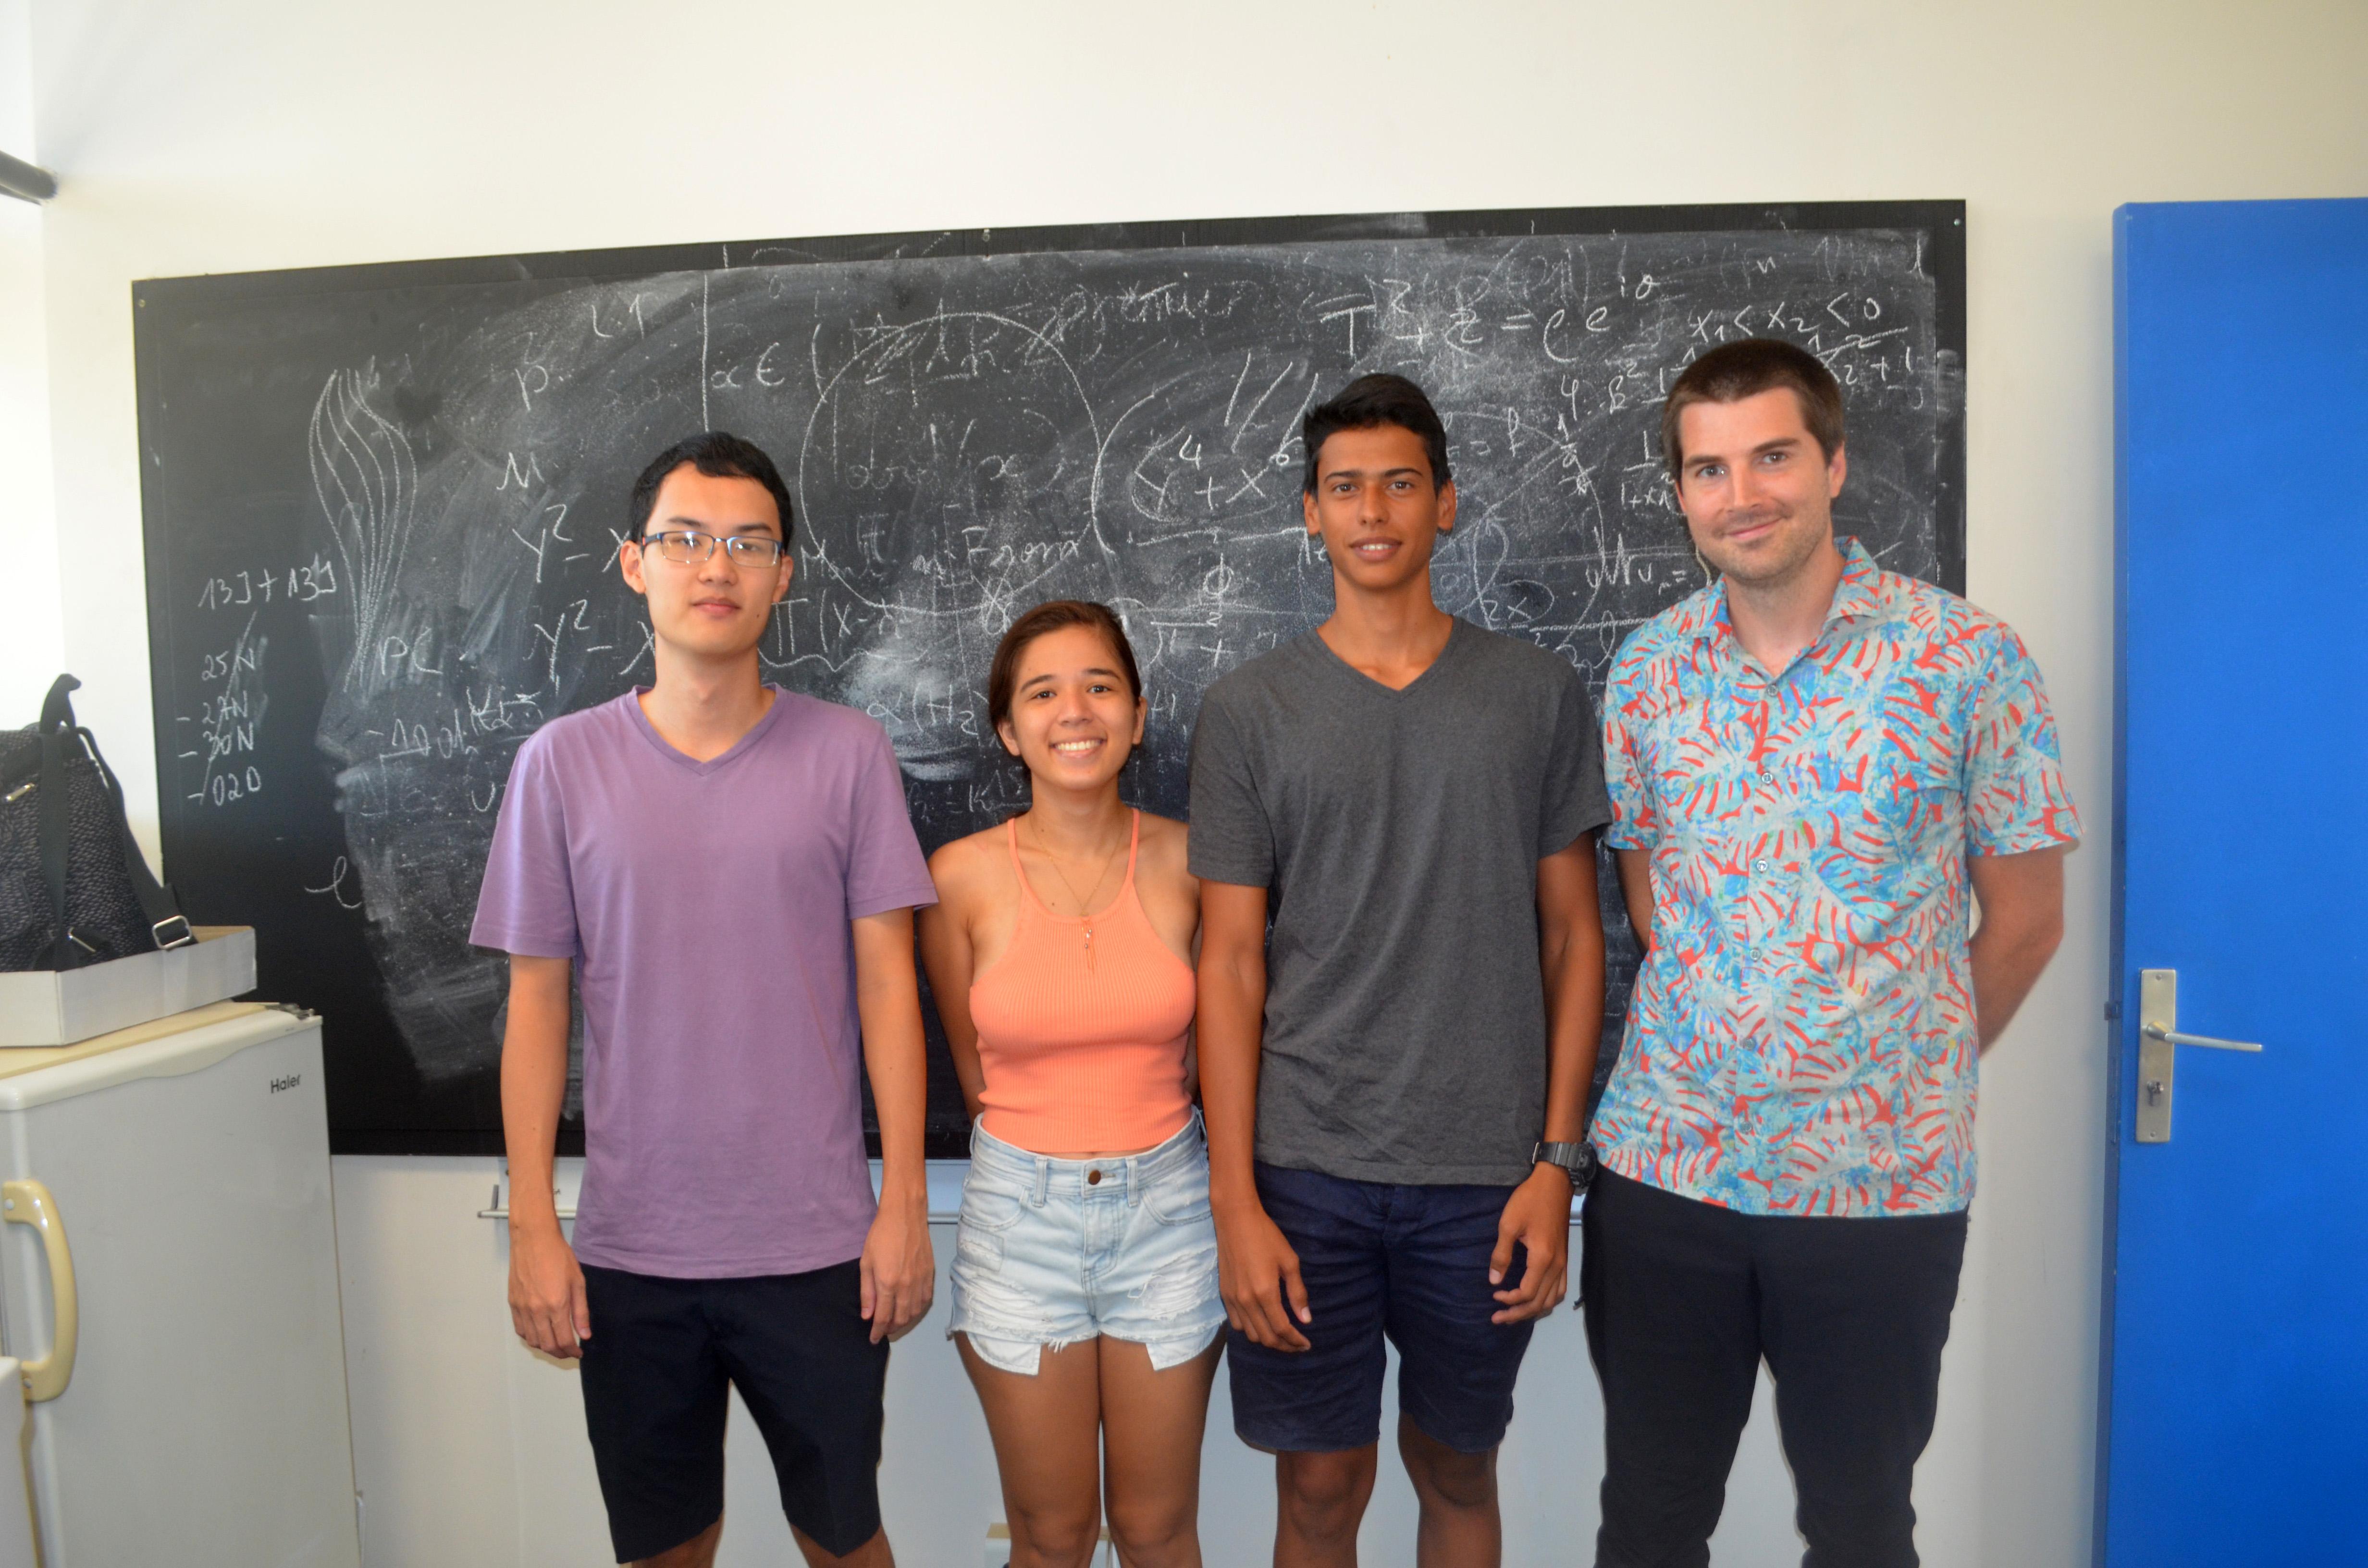 Bryce, Maruata, Mauna avec leur professeur Gaëtan Bisson. Les autres élèves sont déjà partis. Crédit UPF.